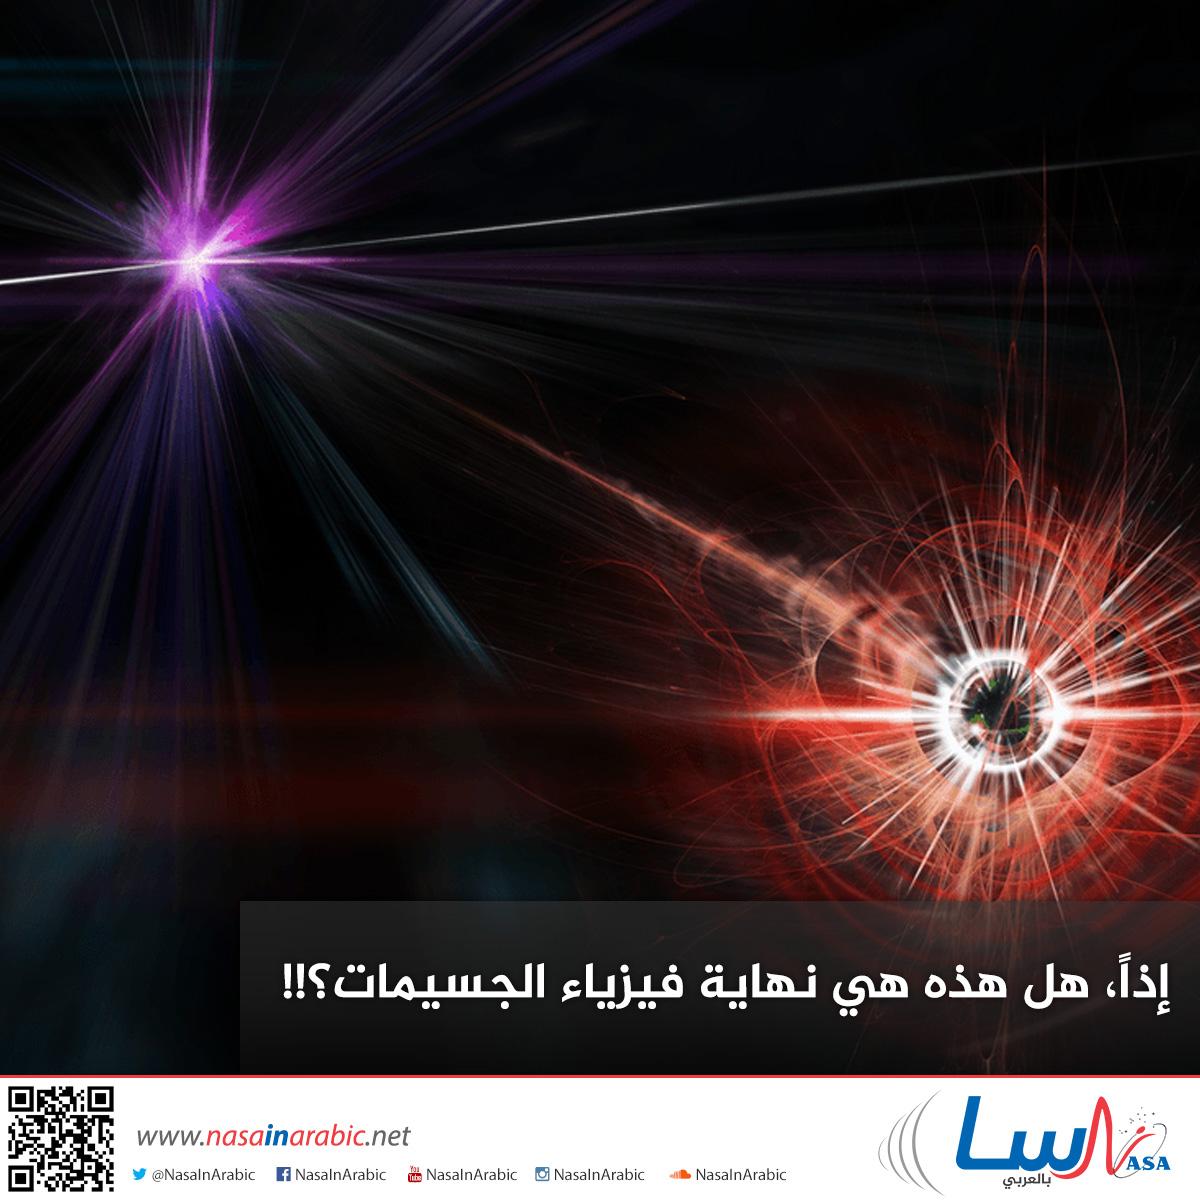 إذاً، هل هذه هي نهاية فيزياء الجسيمات؟!!